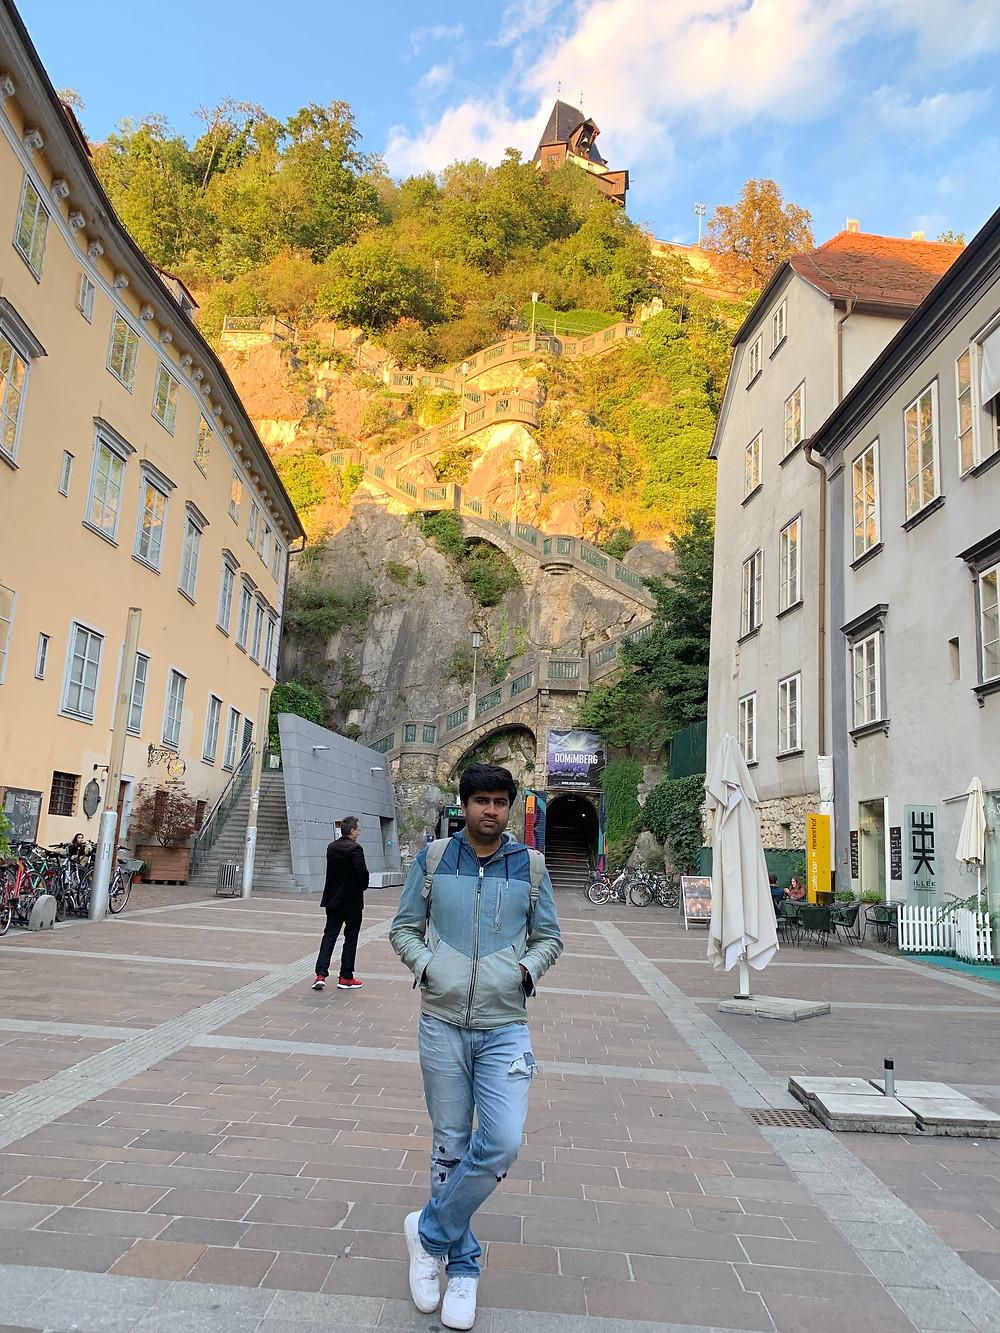 Schlossbergplatz in Graz, Austria